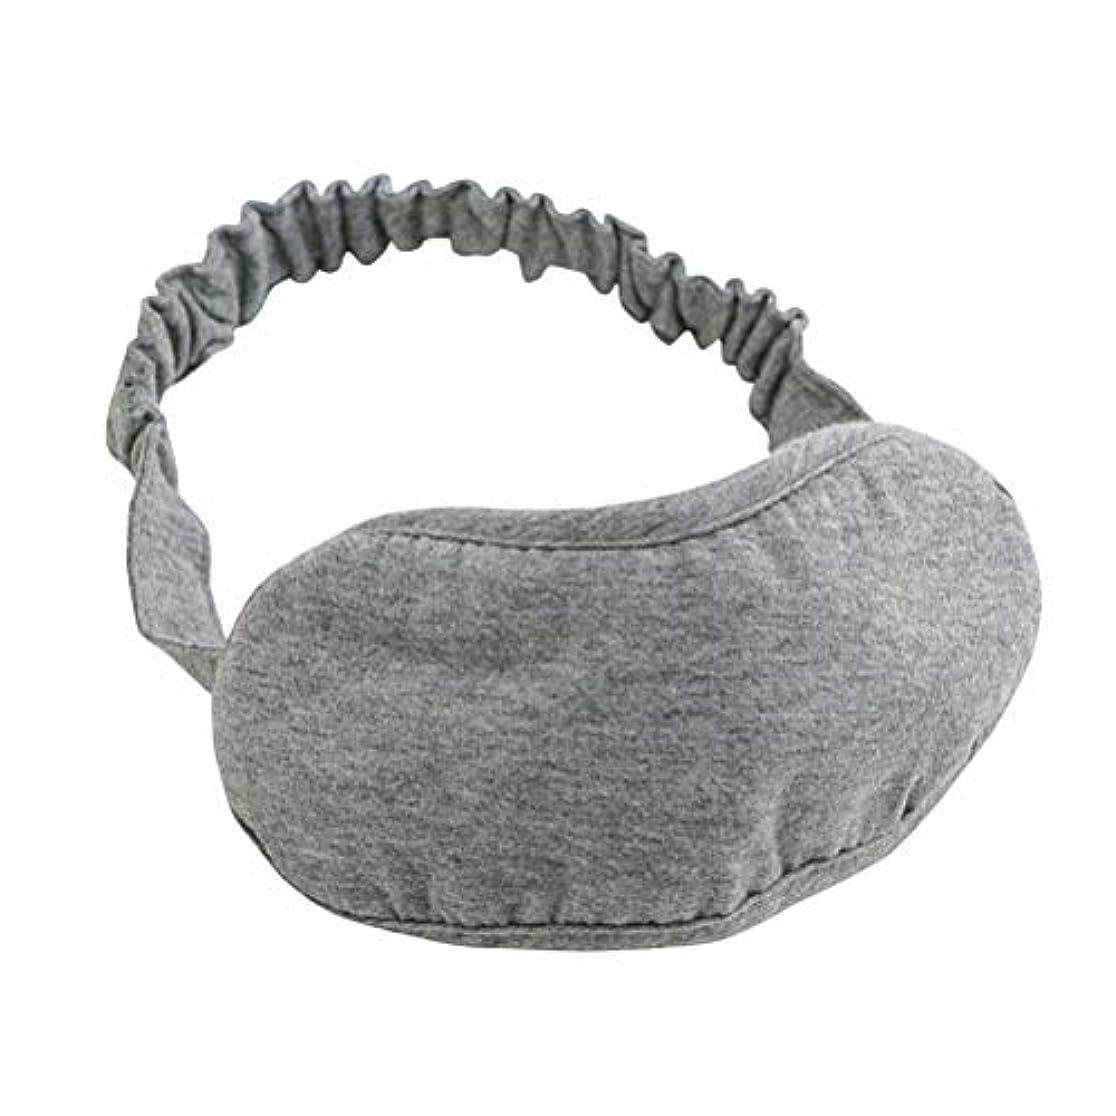 野菜島広いSUPVOX 睡眠マスクコットンアイマスク厚手の目隠しアイカバー女性のための子供たちの子供ホームベッド旅行のフライトカーキャンプオフィス使用(グレー)